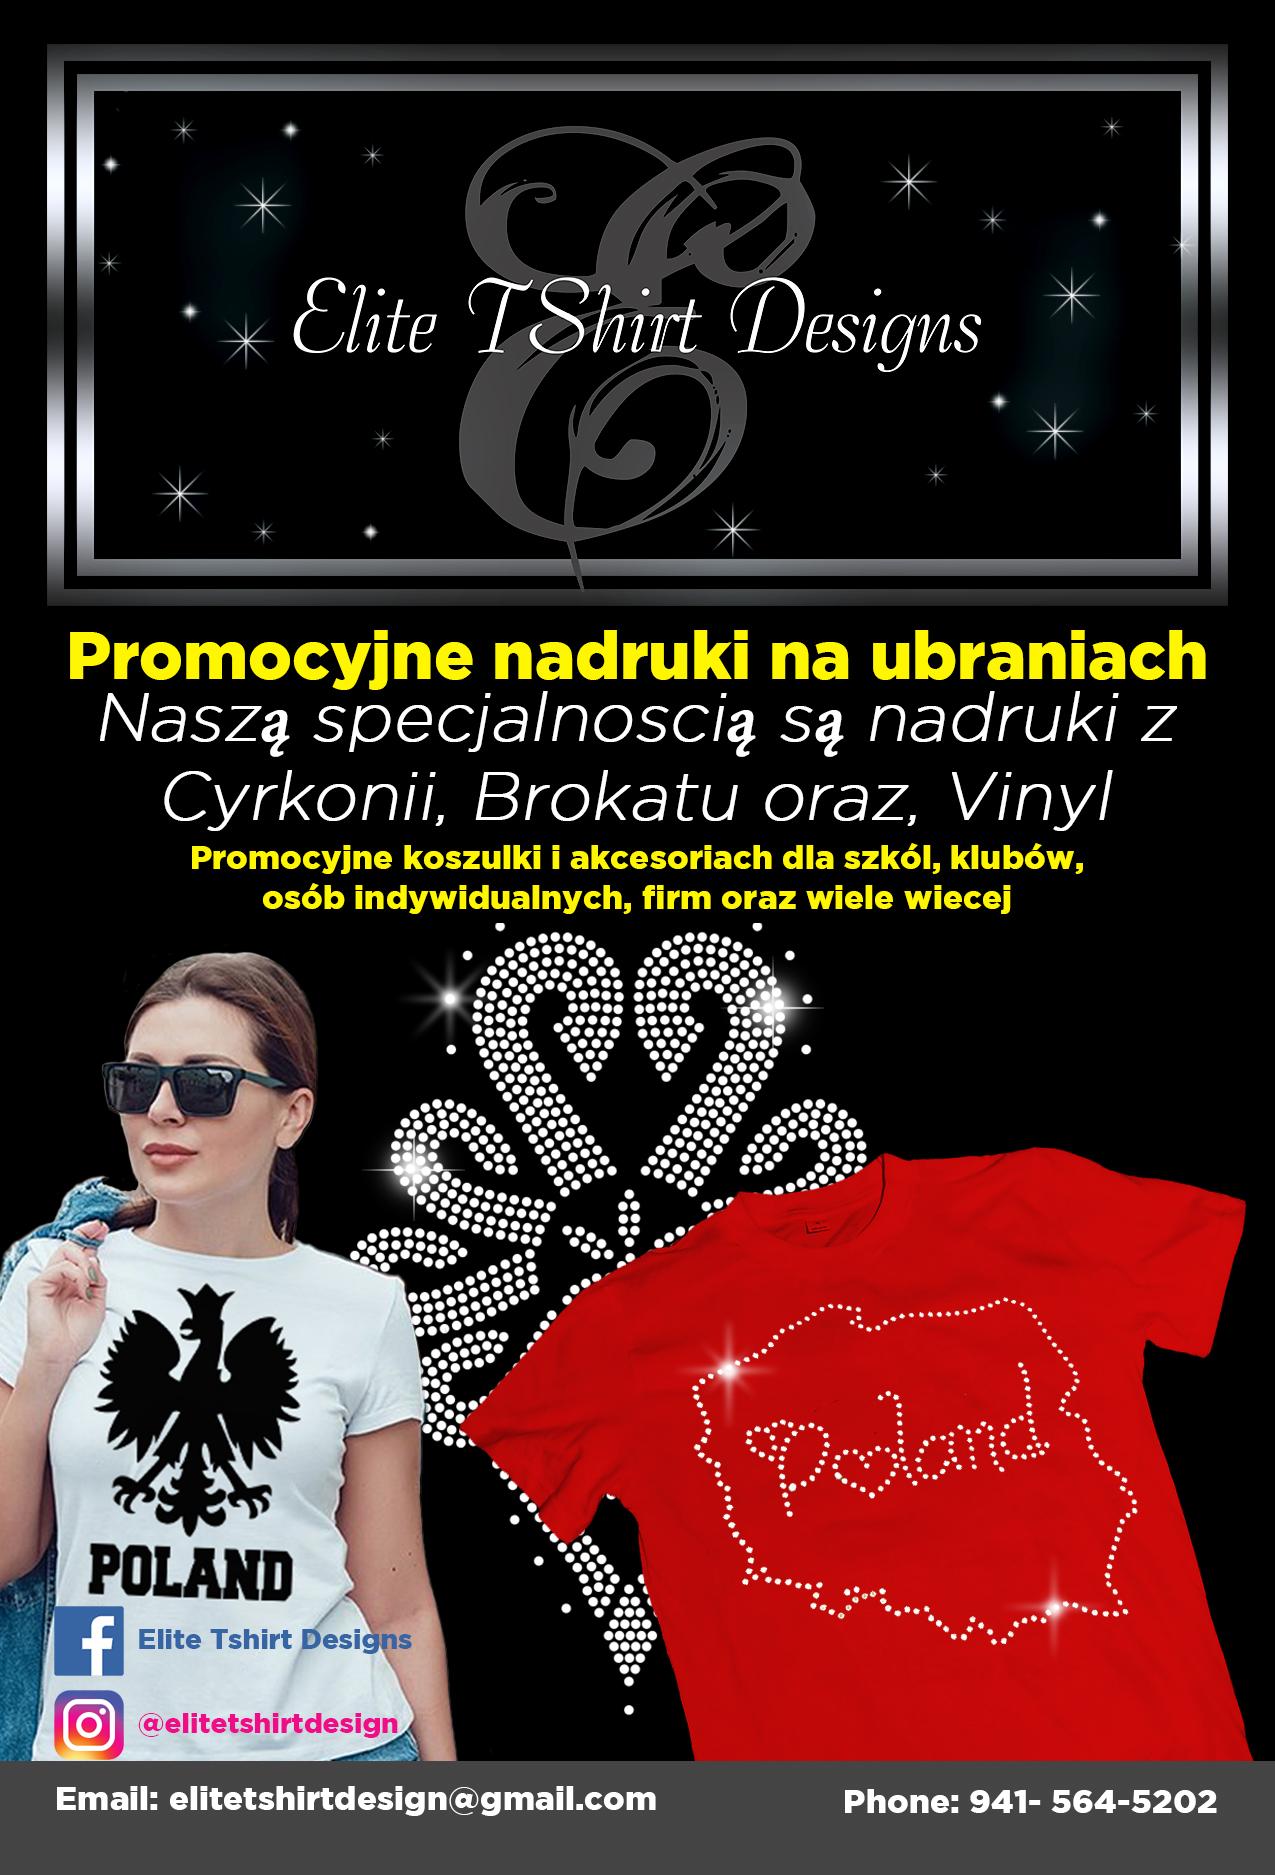 Nadruki na koszulkach - Elite TShirt Design